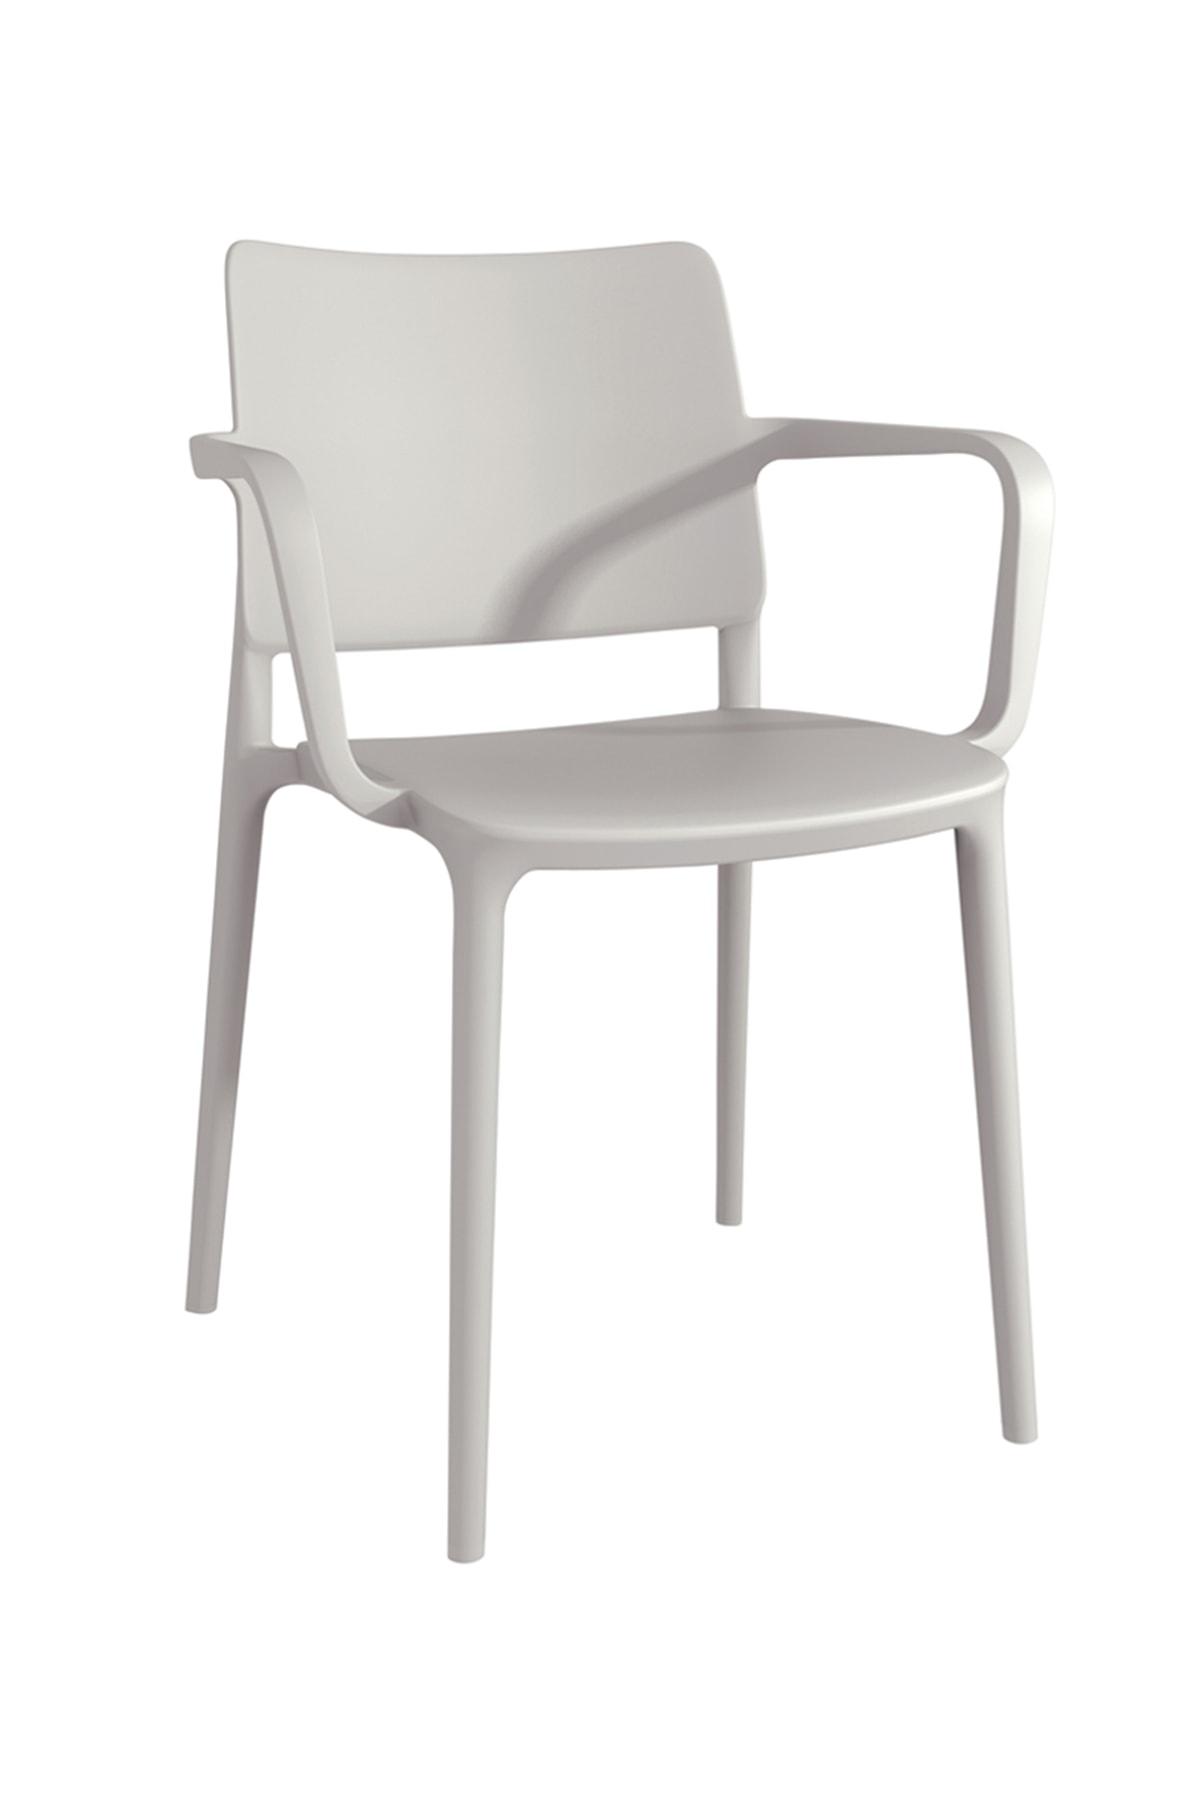 Papatya Joy Koltuk Açık Gri - Mutfak Sandalyesi - Kolçaklı